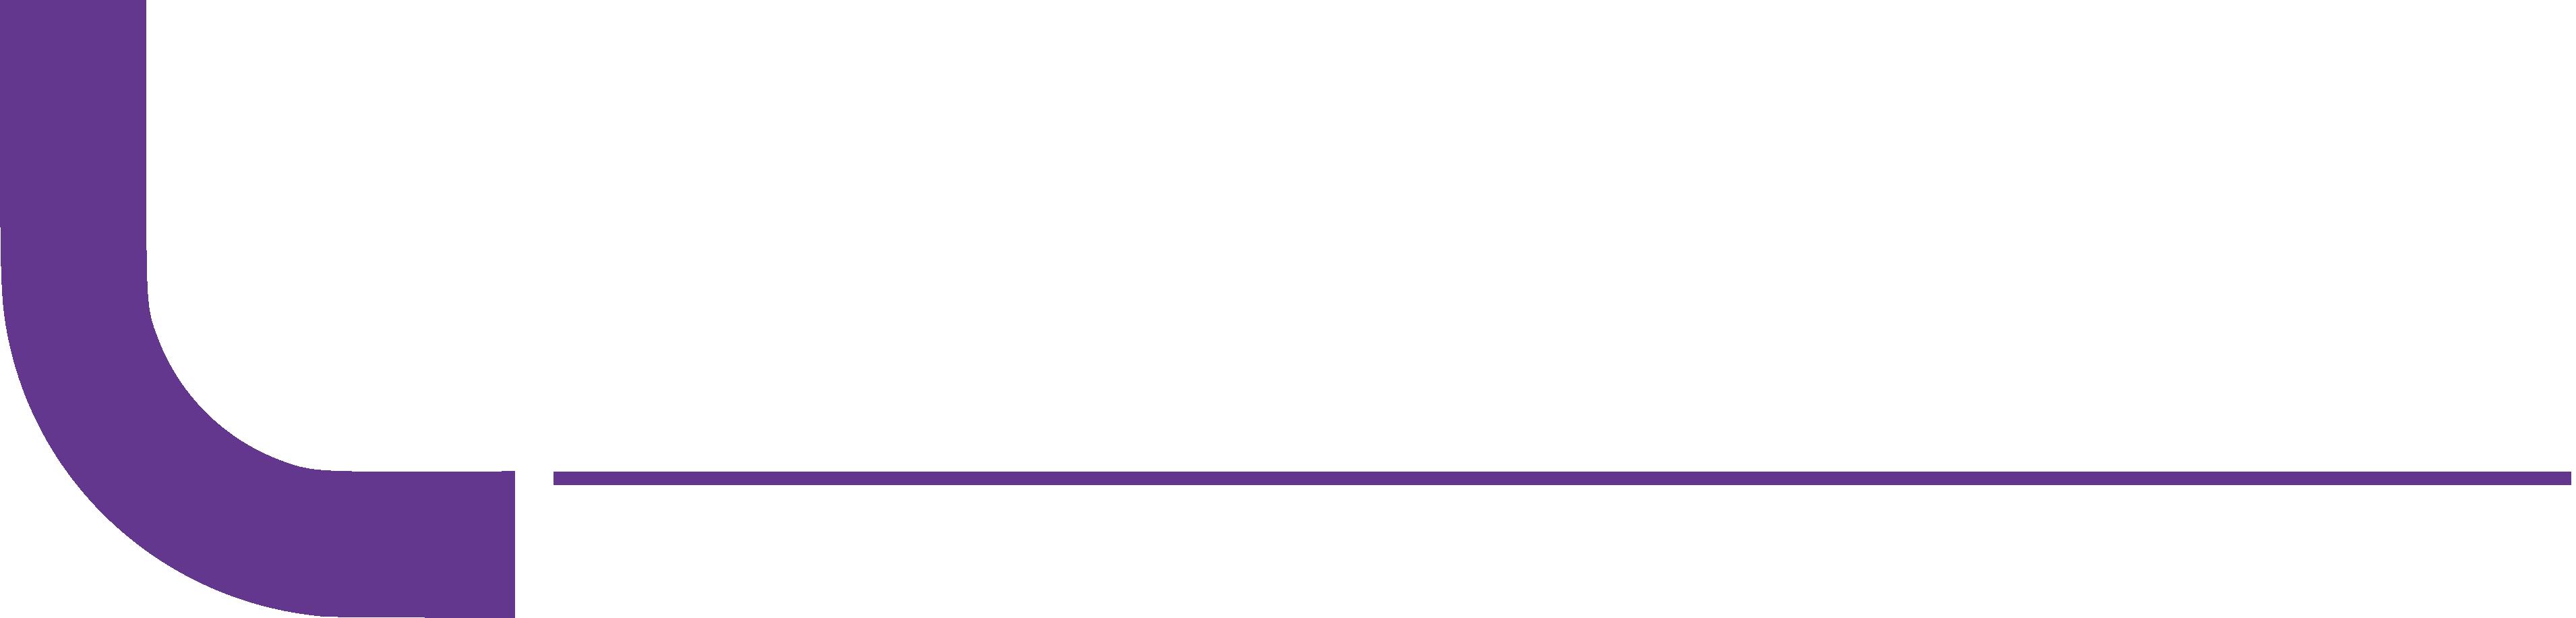 LEGAcité, Etude d'avocats, Avenue de la Gare 1, 1003 Lausanne